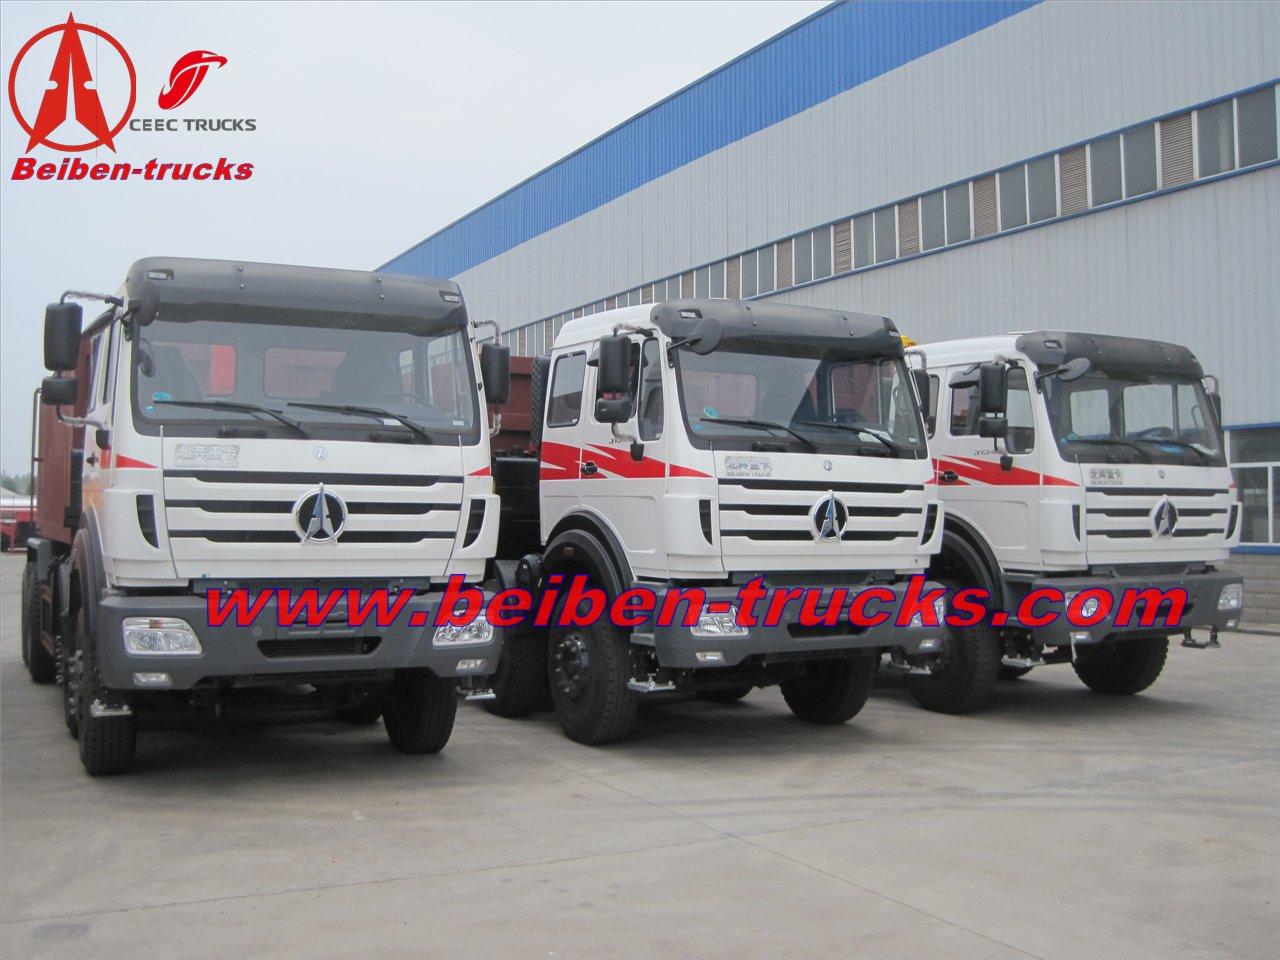 mogolia beiben 12 wheeler dump trucks